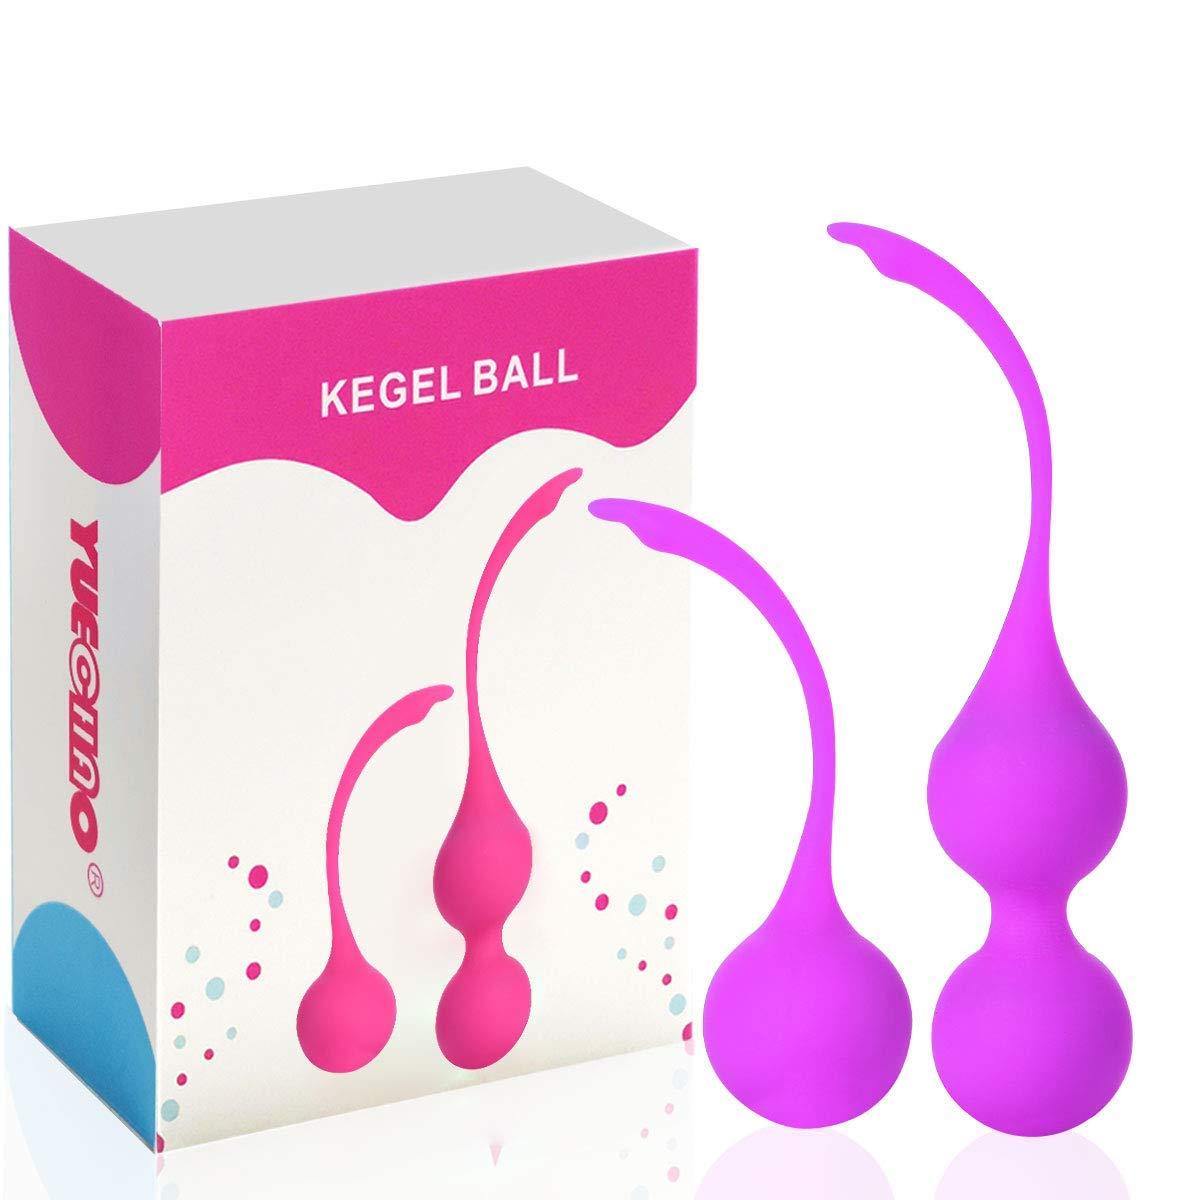 Migliori.io Top 10: I migliori pesi per gli esercizi di Kegel - Ecco come rafforzare il pavimento pelvico